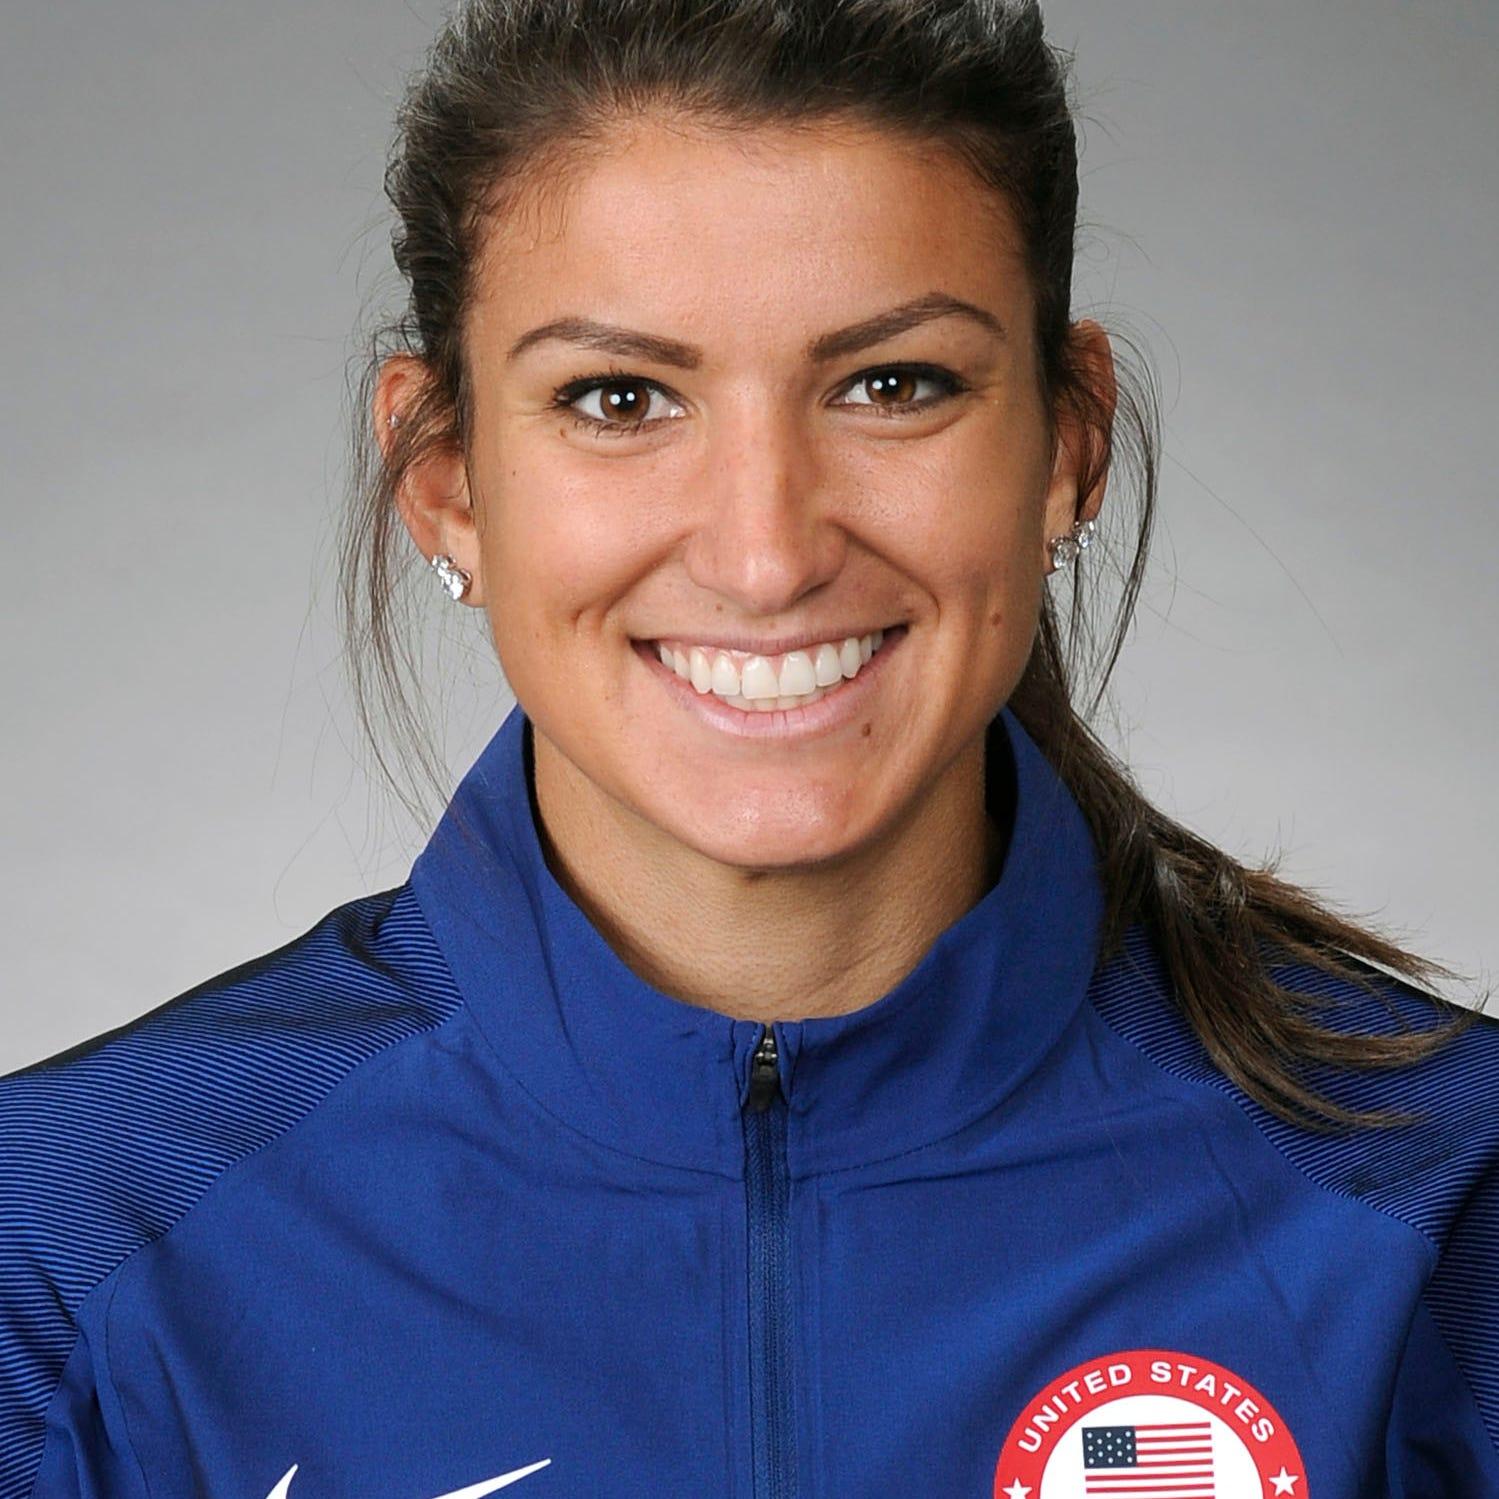 Jenna Prandini